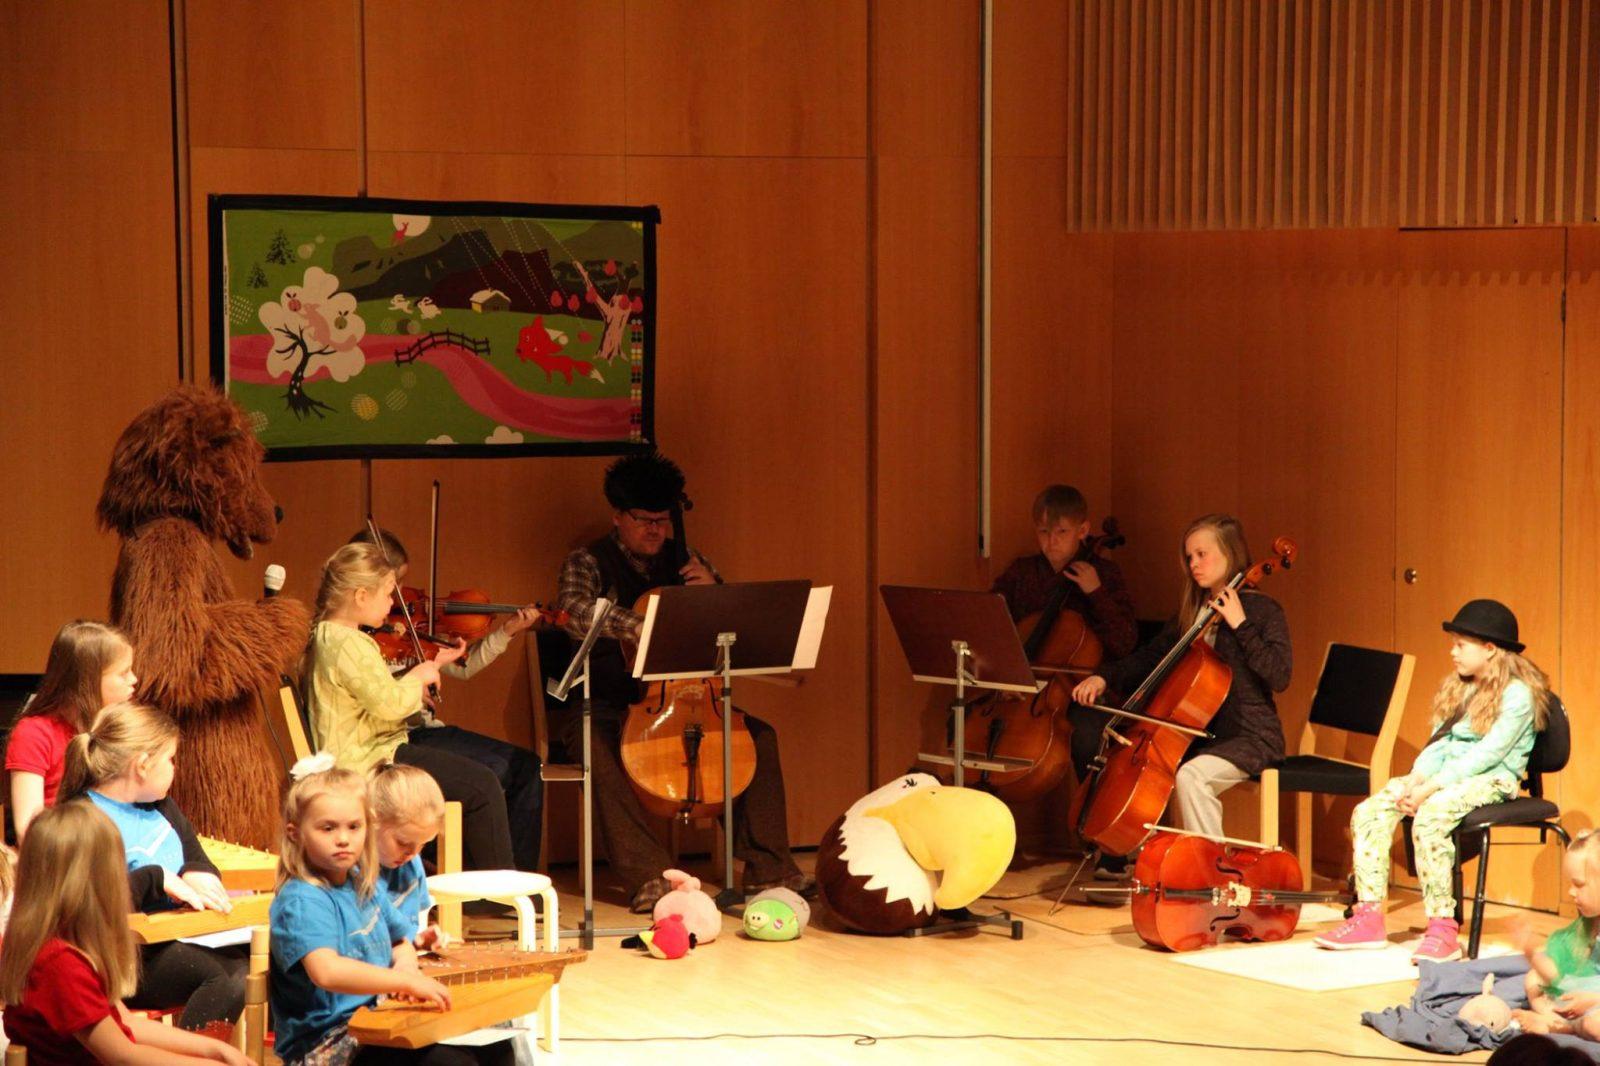 Kainuun musiikkiopiston lastenkonsertin esiintyjiä